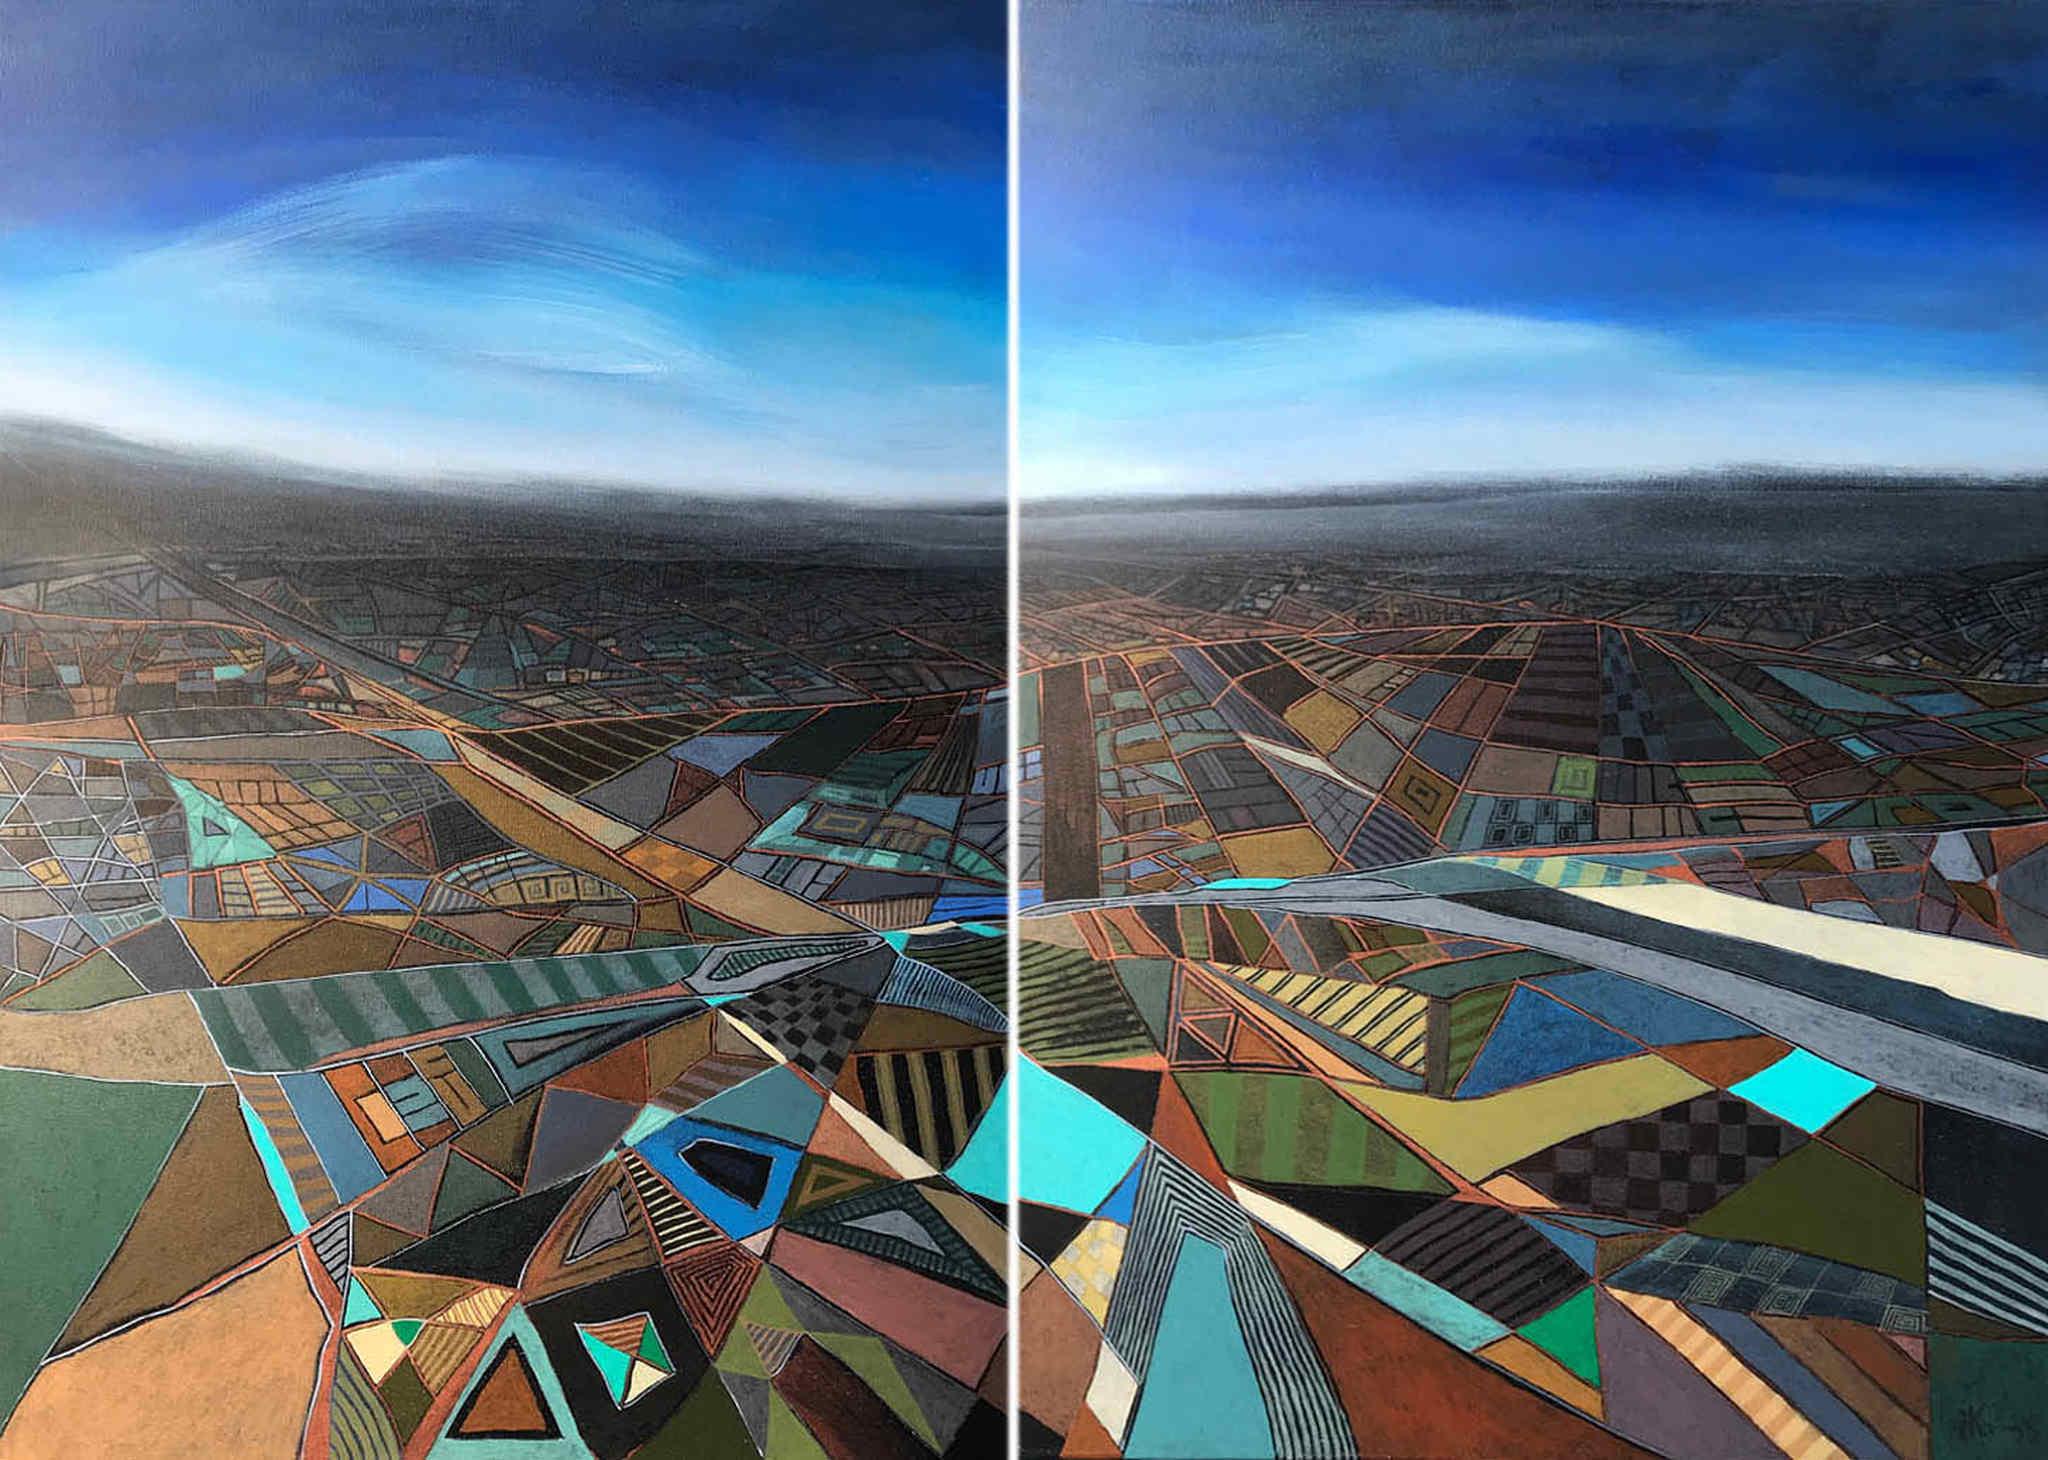 Pejzaż abstrakcyjny (dyptyk), 2019